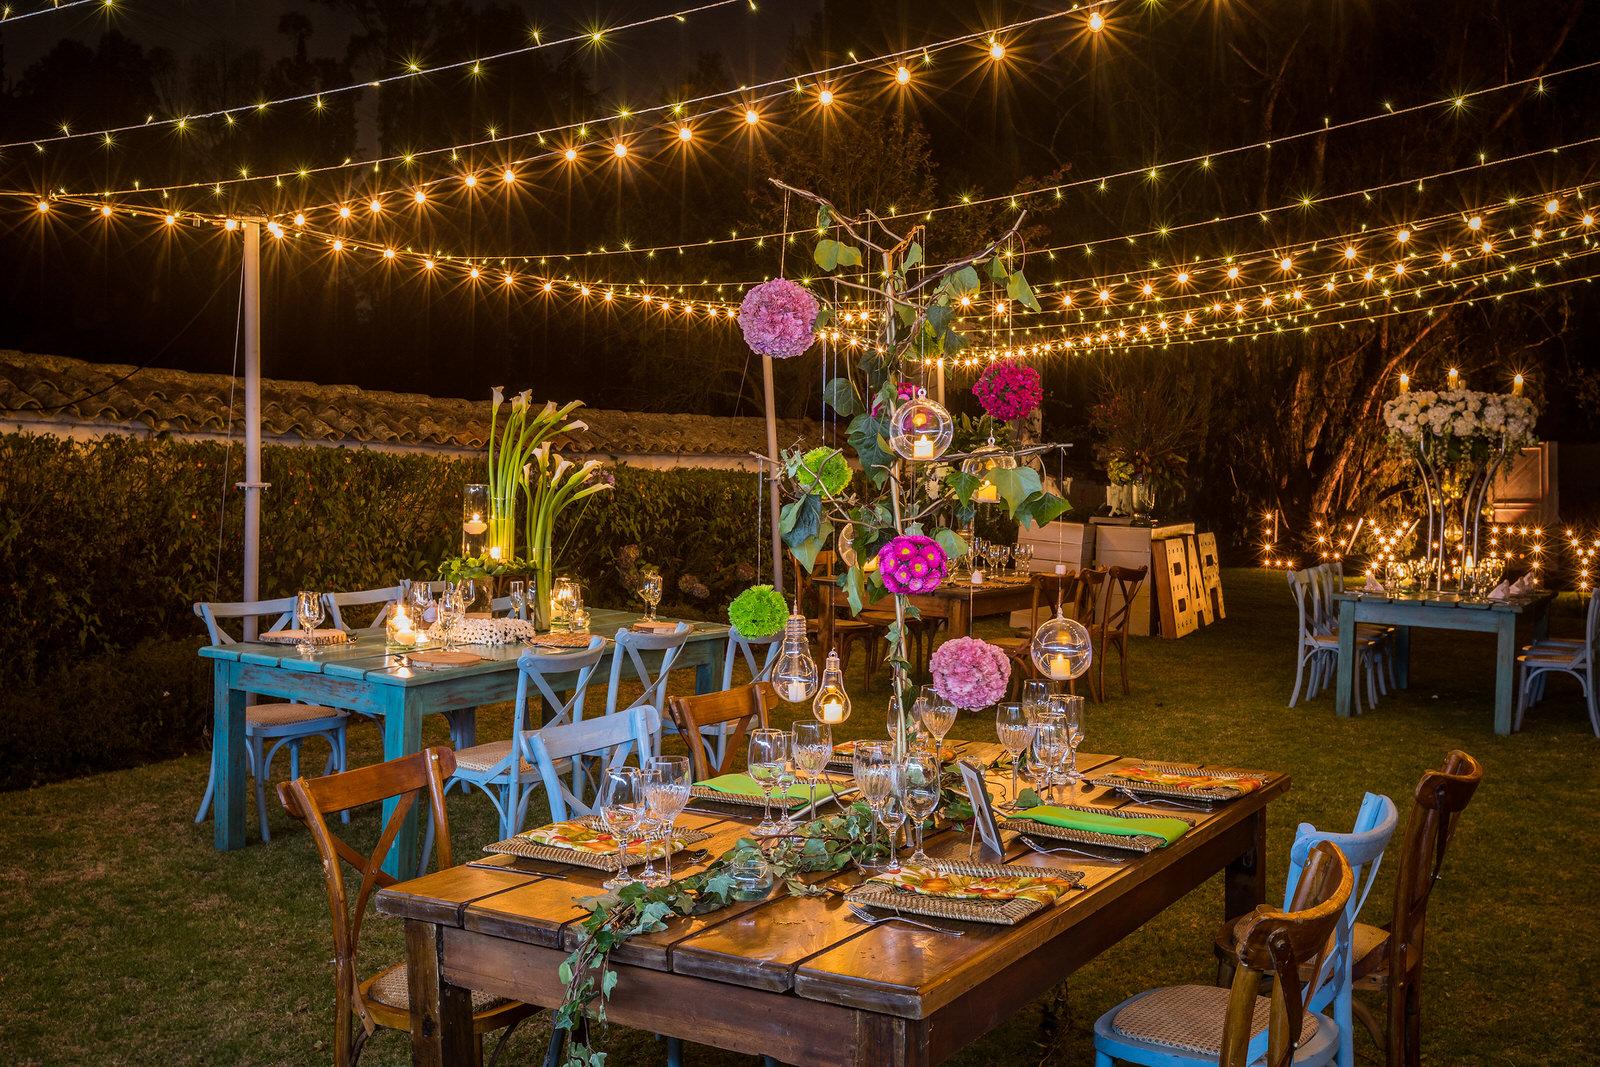 Banquete decorado con luces y flores.